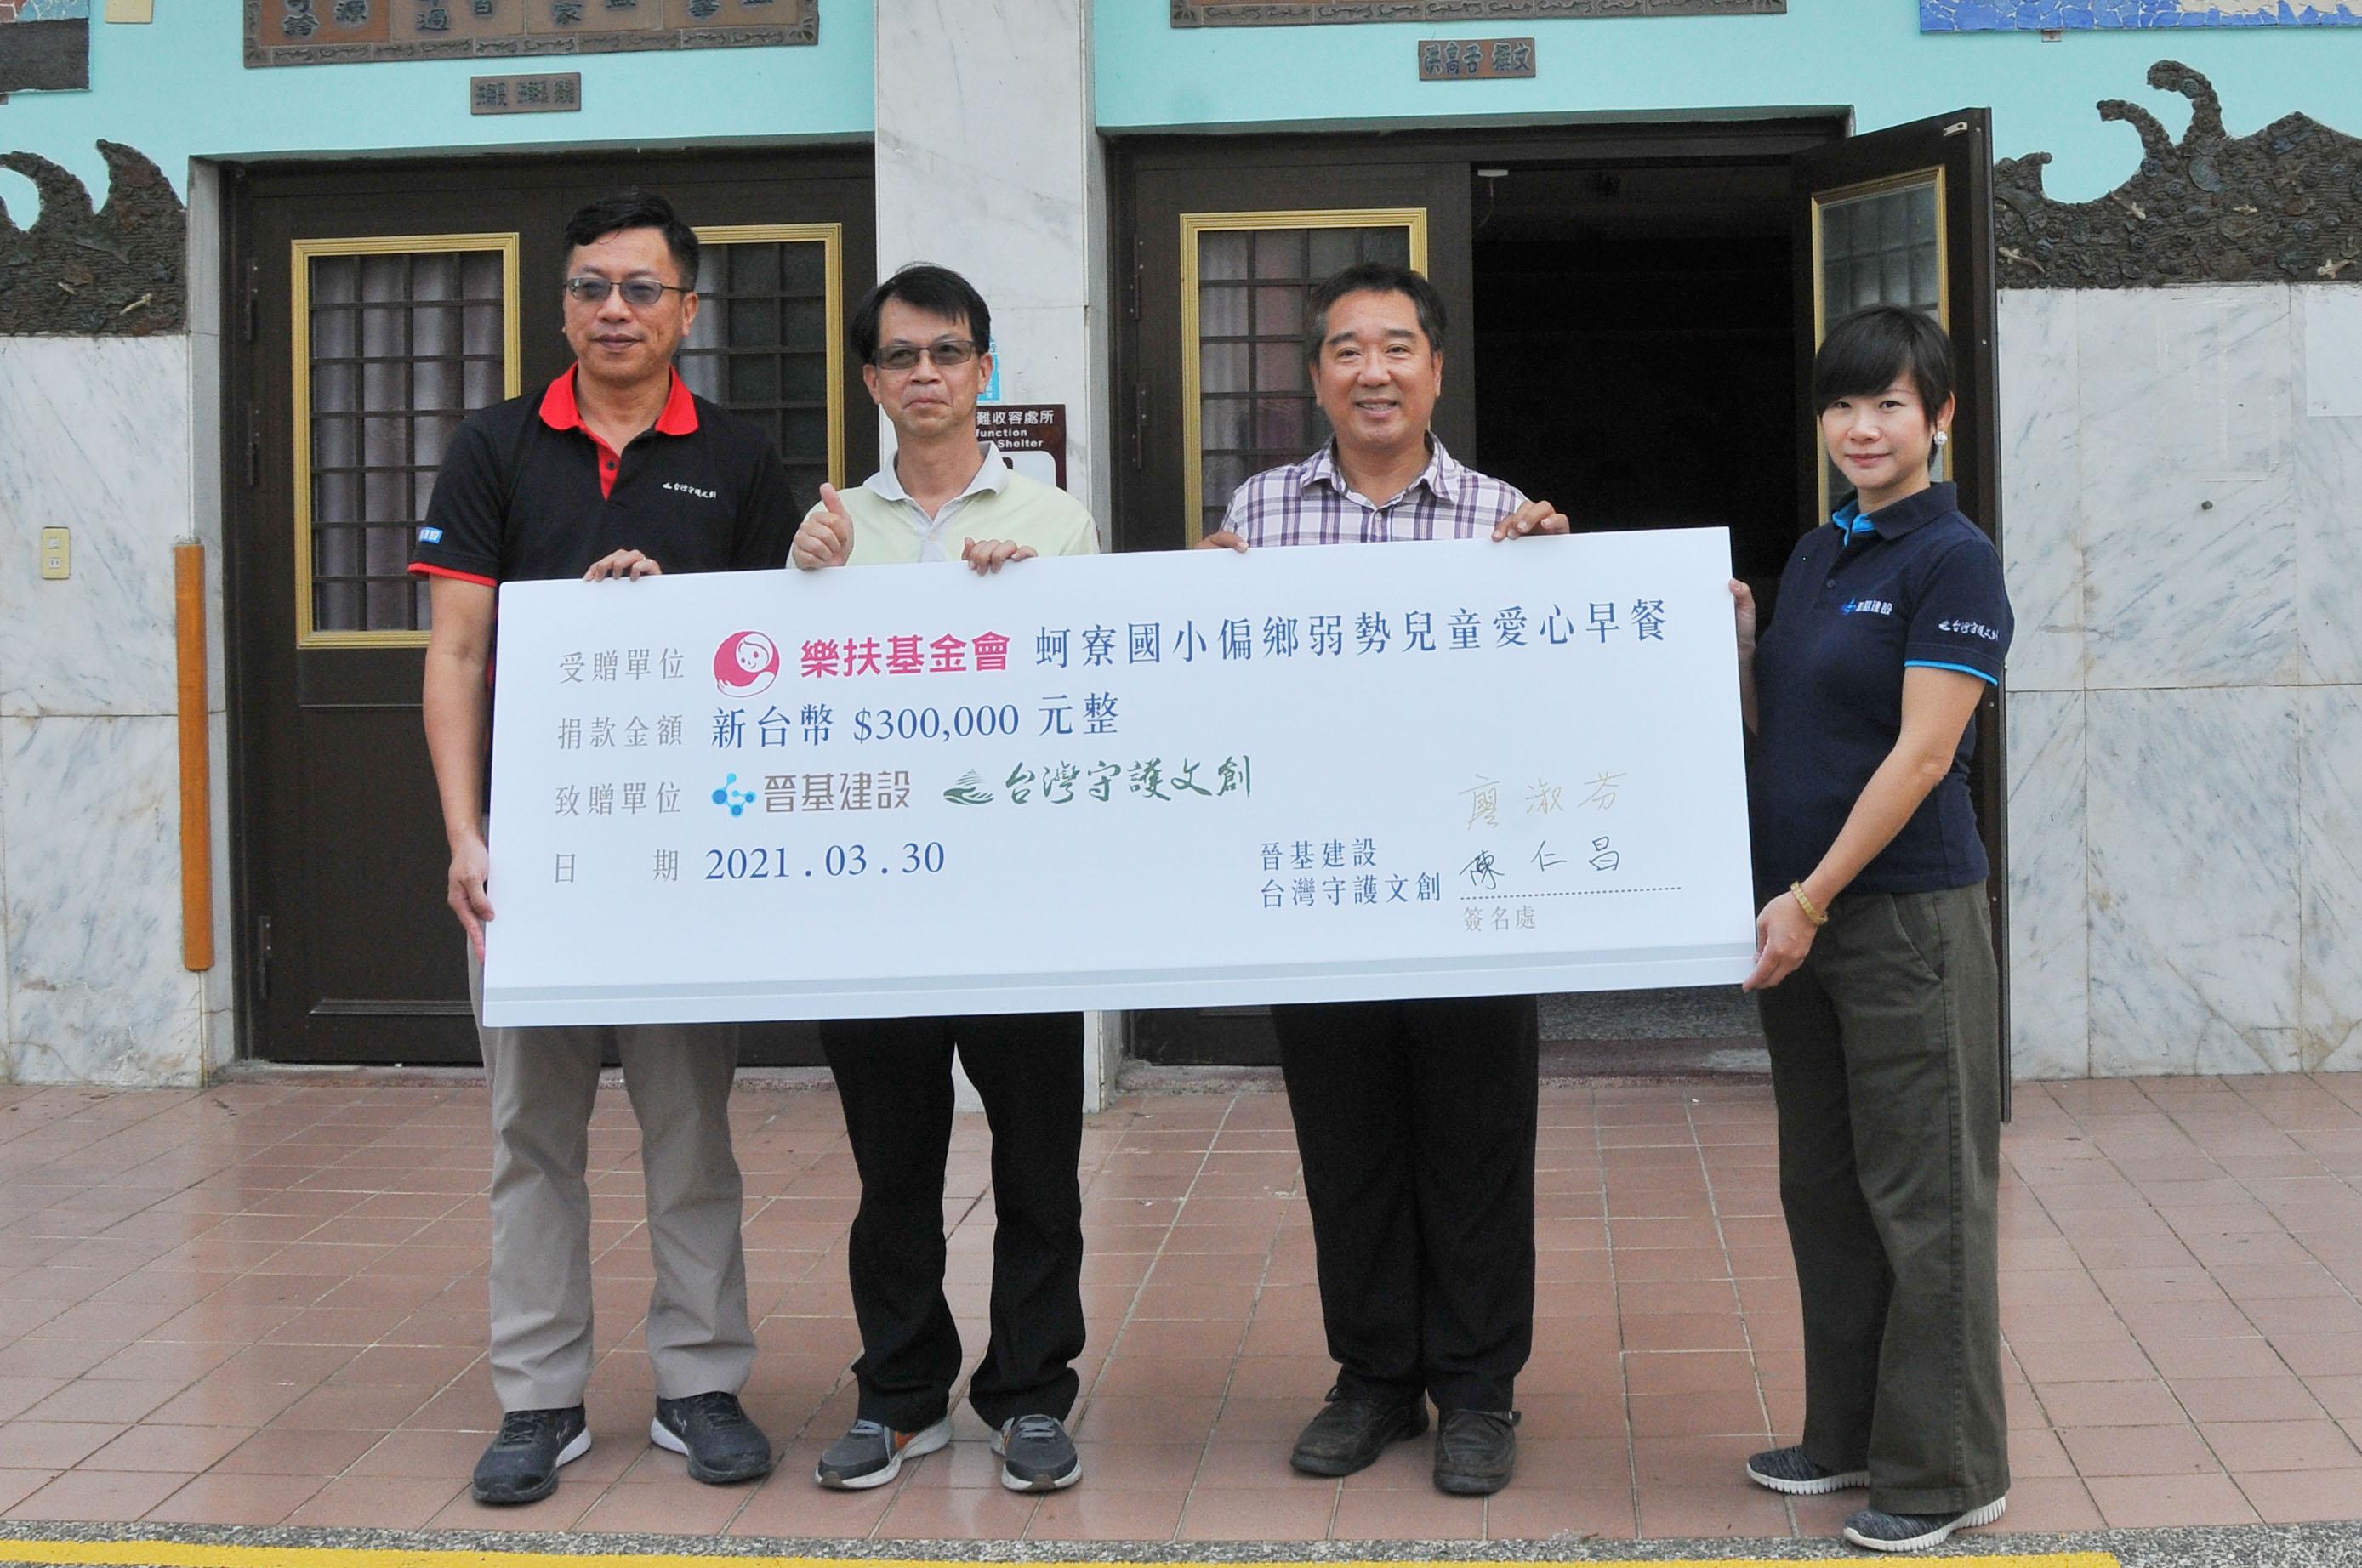 南天新聞台報導-為偏鄉孩童提供愛心早餐,晉基建設連同台灣守護文創一起出力